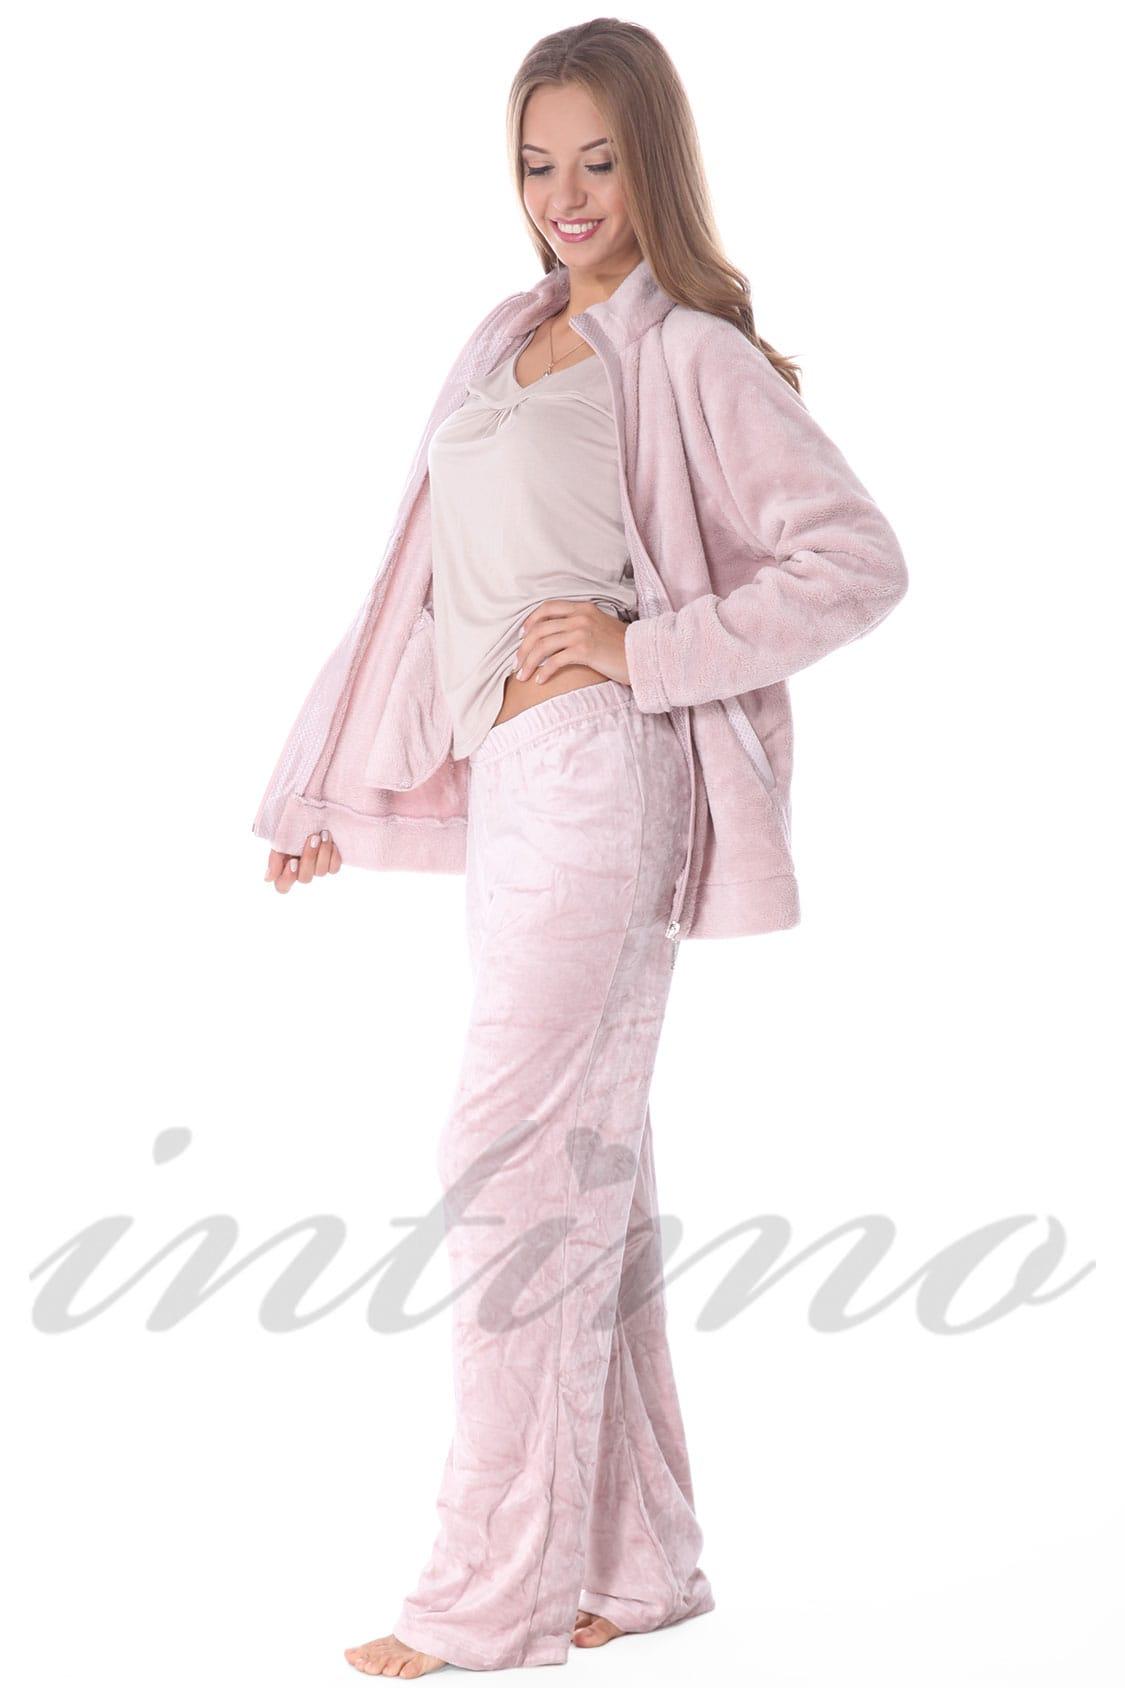 9b29d1ac4924 Домашняя одежда Laete (Лаете) - купить в Украине, заказать пижамы ...